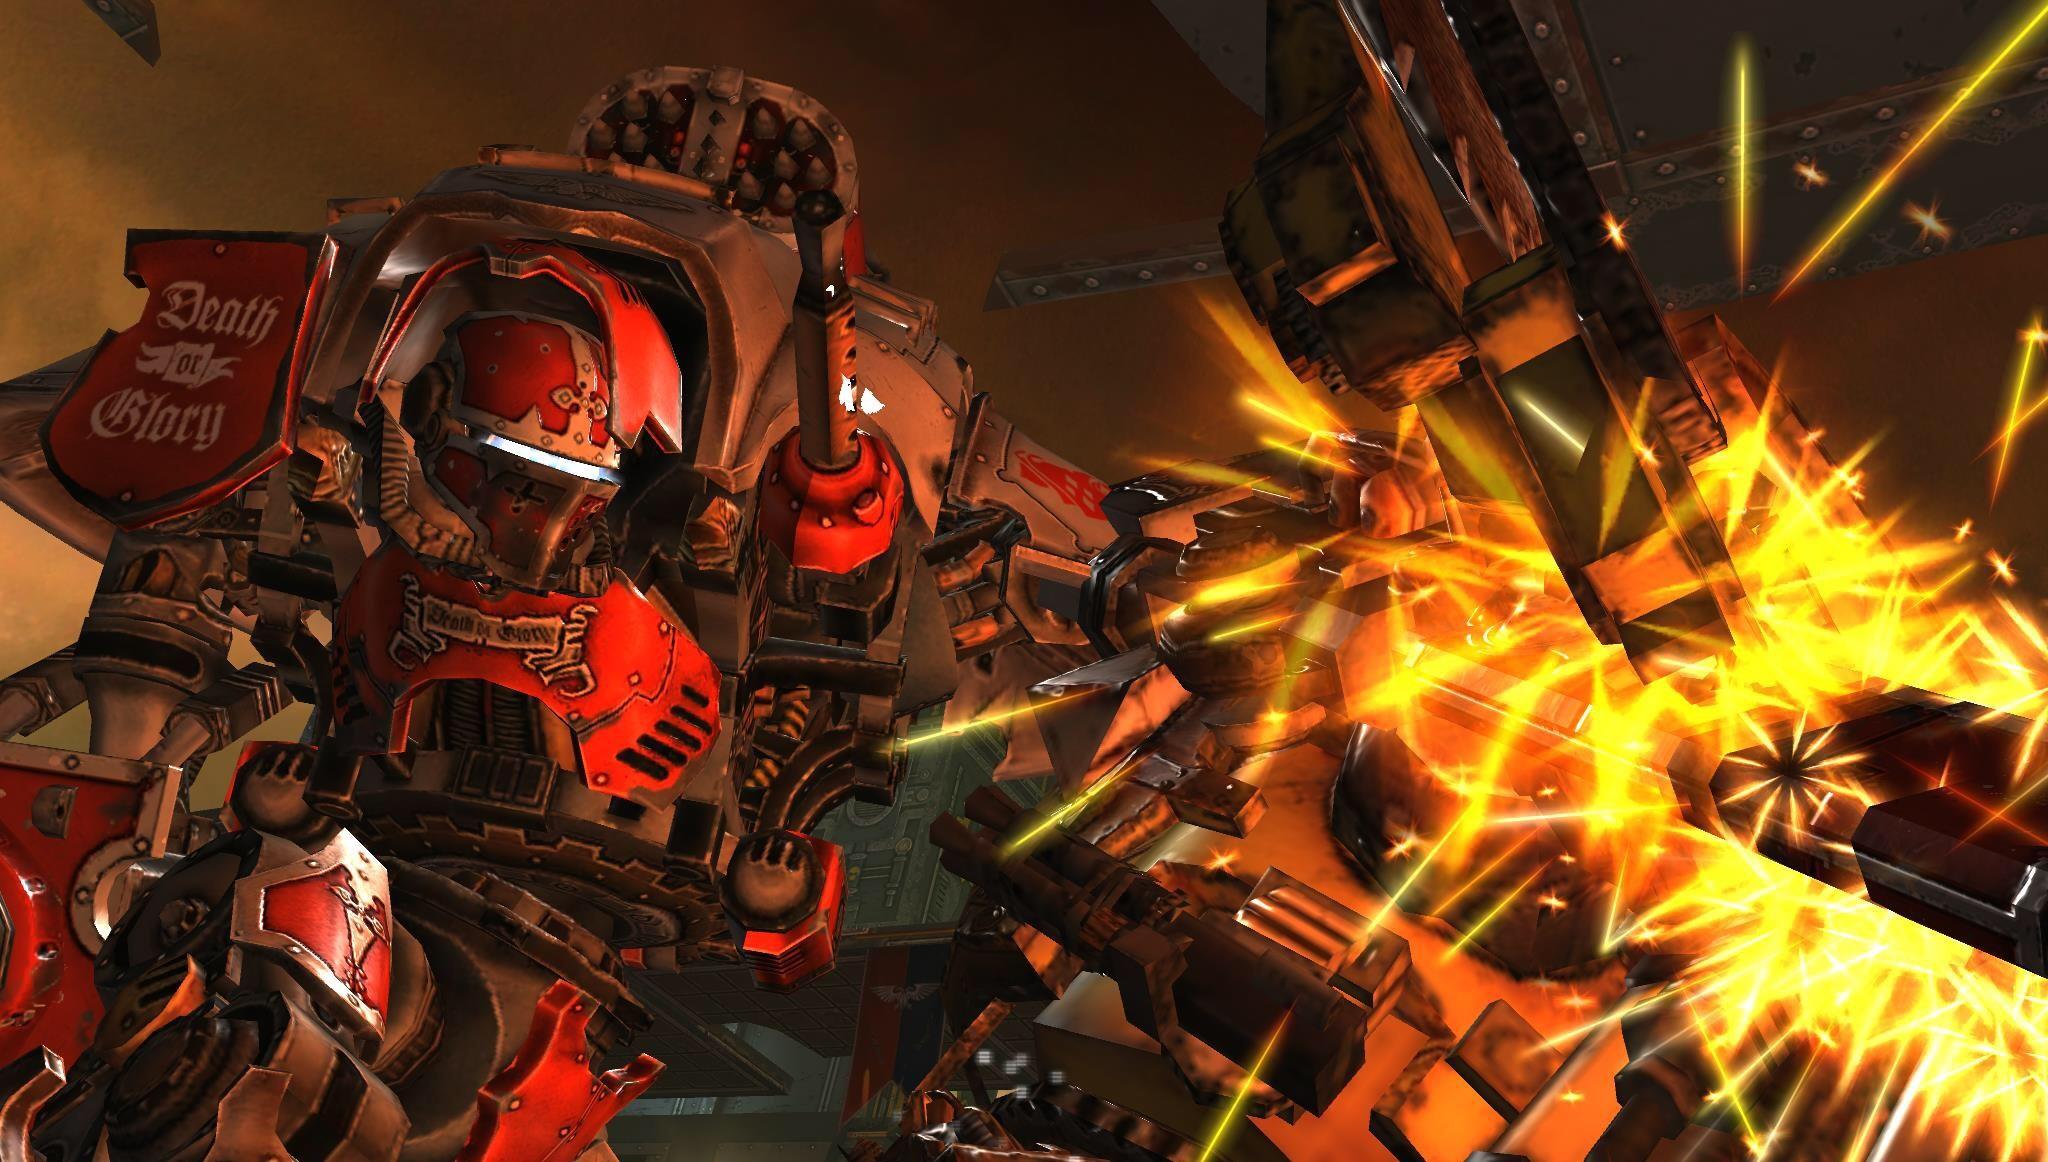 战锤40K:千年文化碰撞下的硬核机甲游戏,比《战争机器人》还经典 图片4